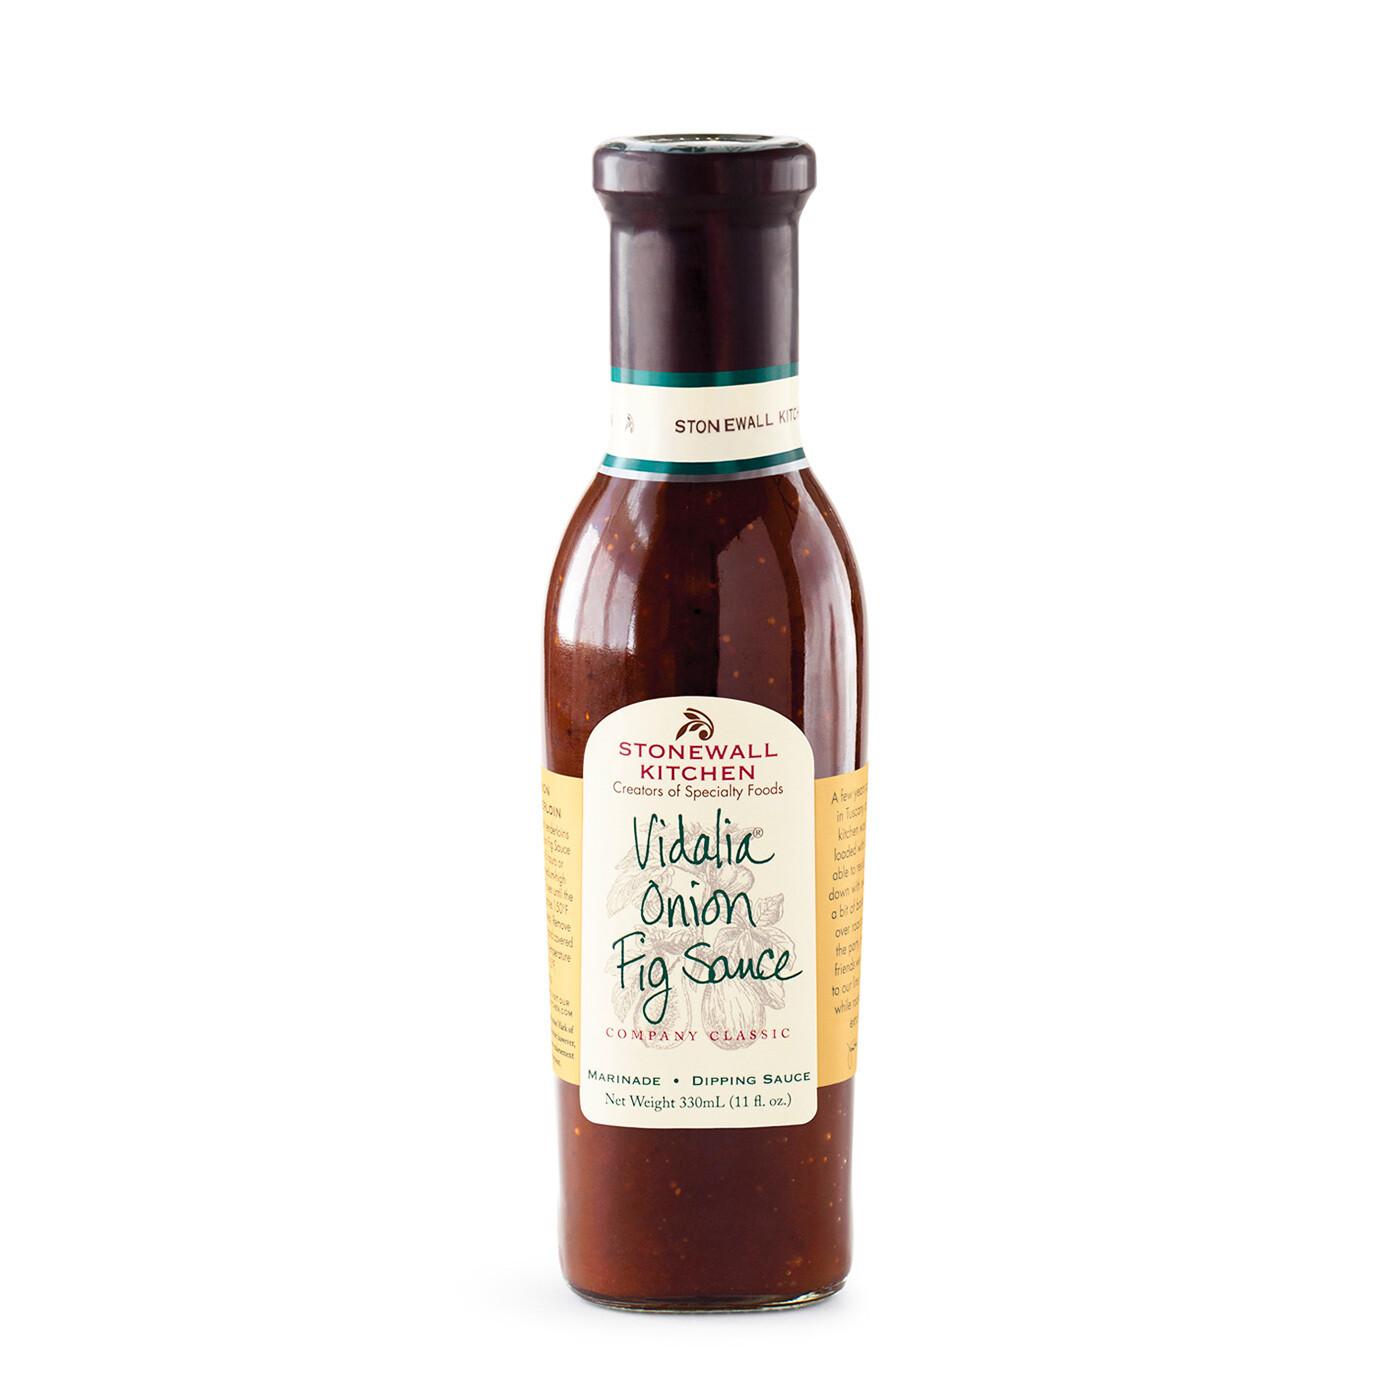 Vidalia¨ Onion Fig Sauce